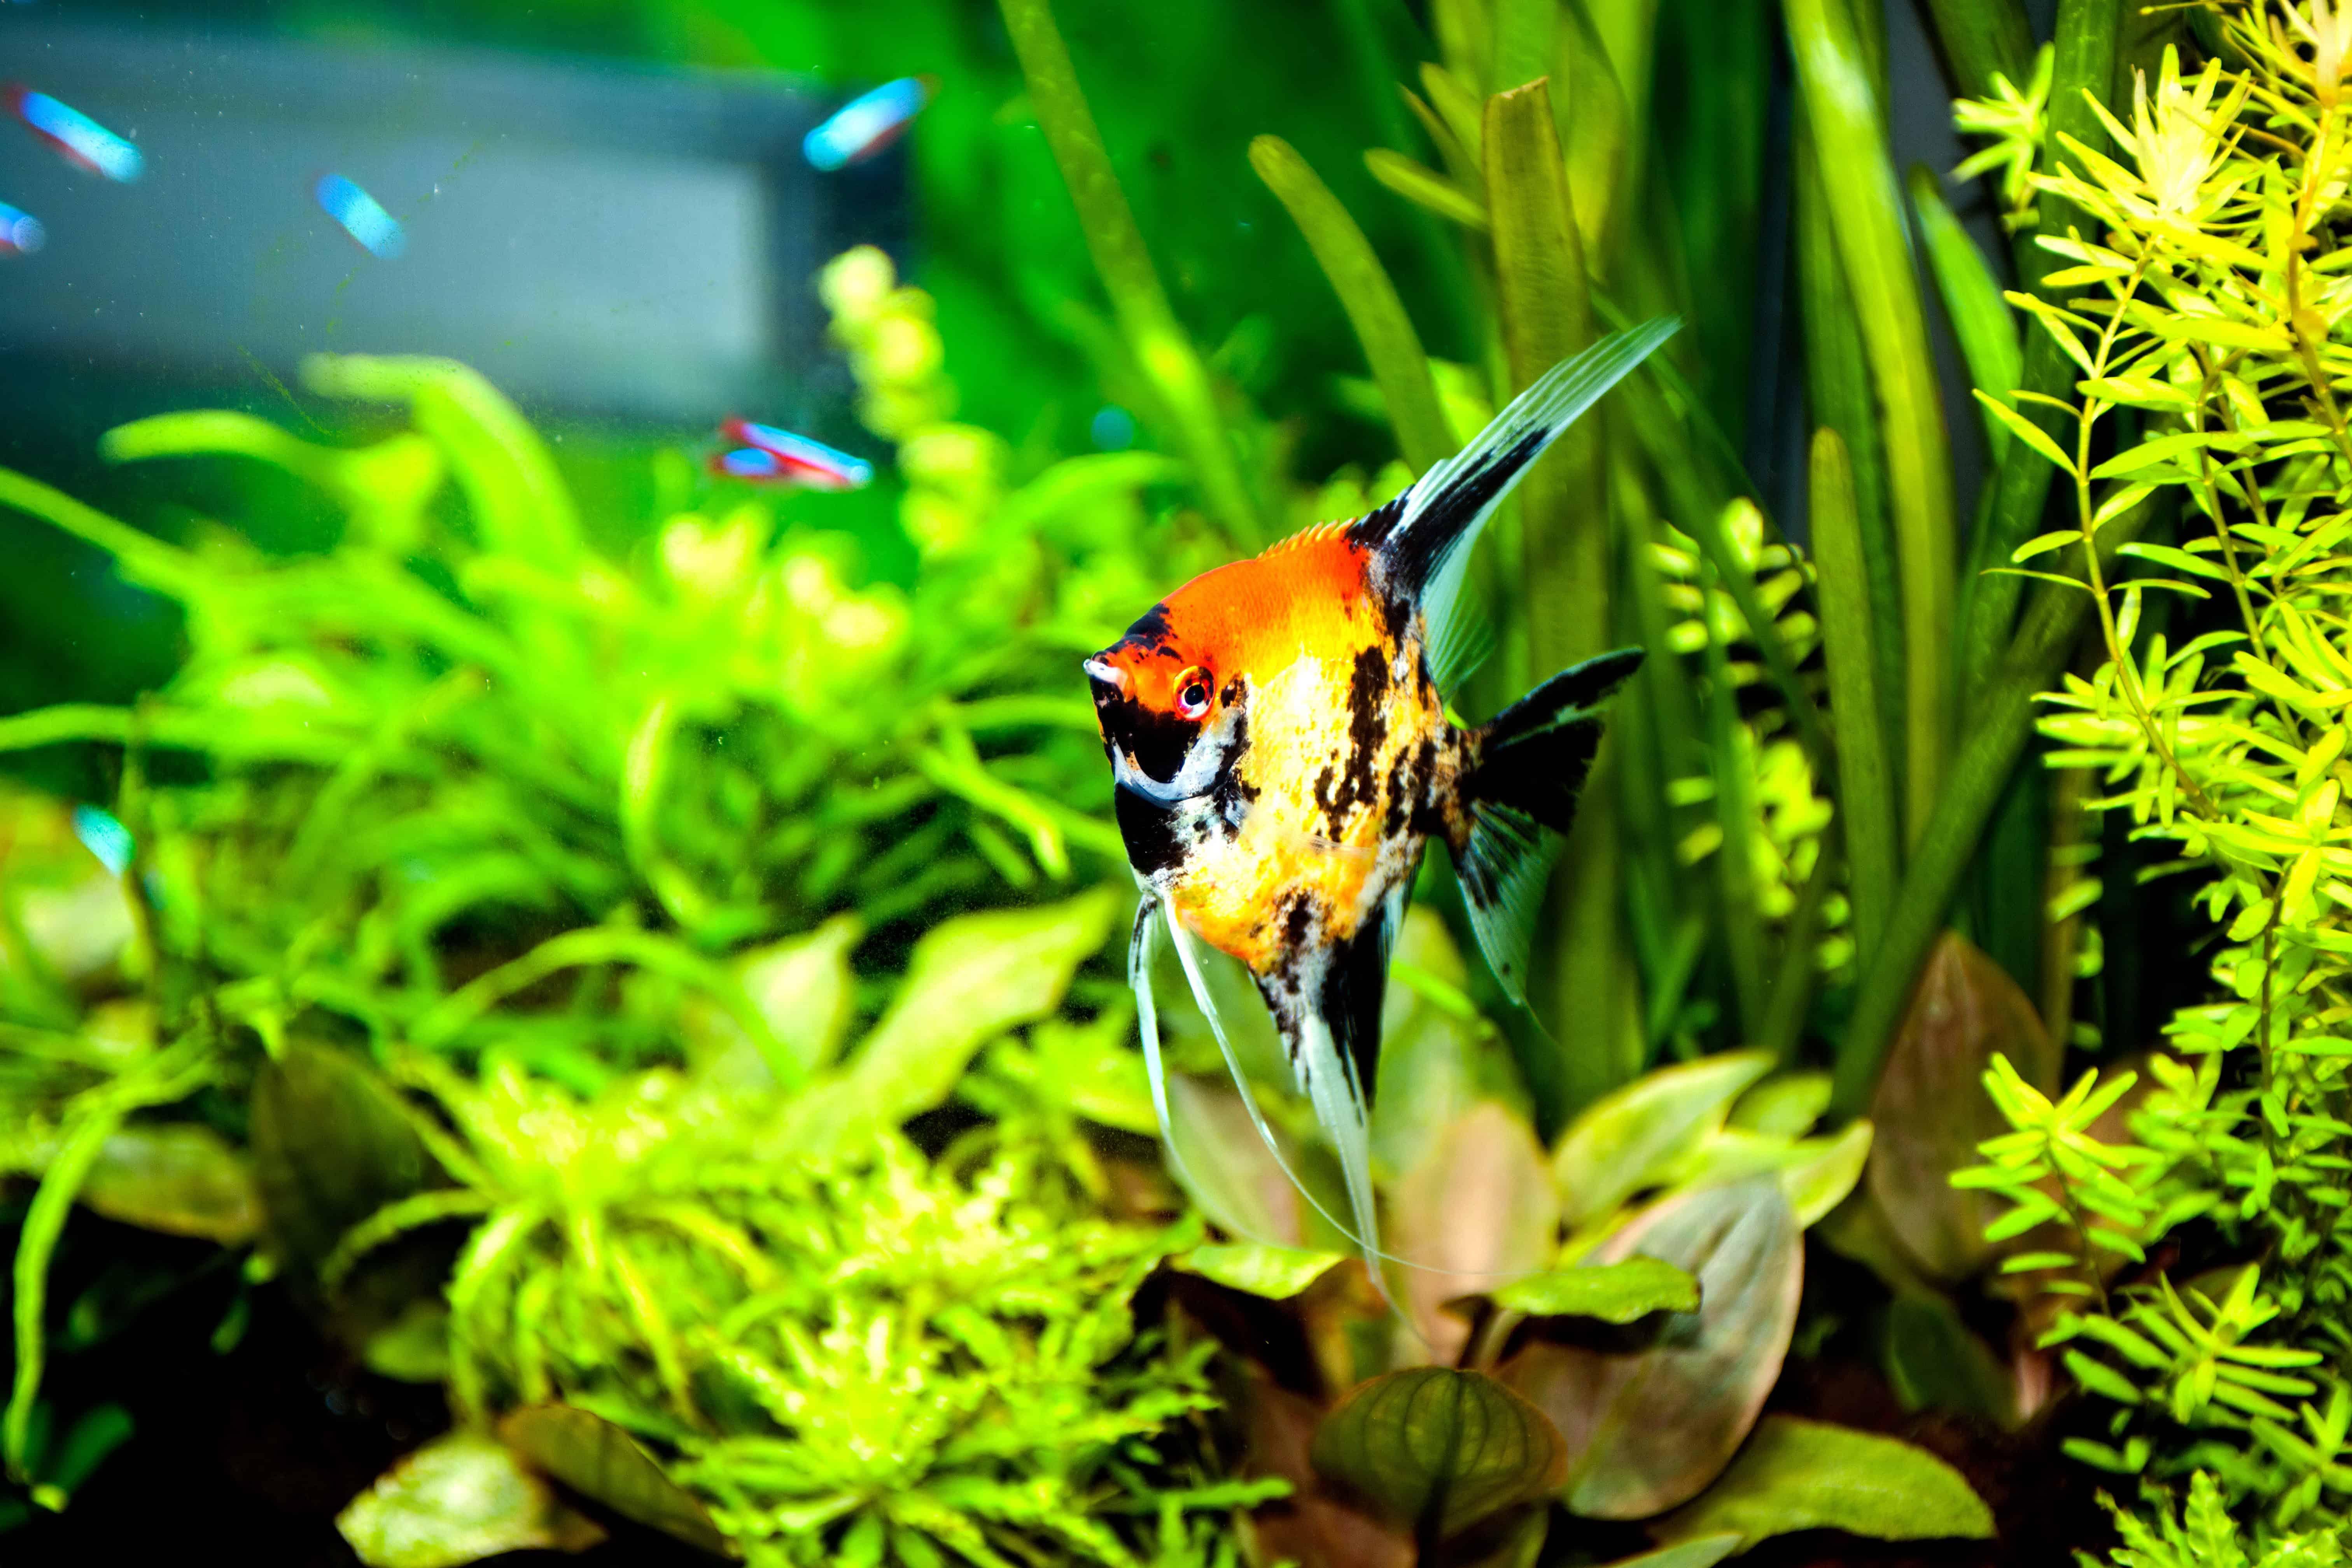 Foto: FLH. - Der Skalar ist aufgrund seines facettenreichen Erscheinungsbildes bei vielen Aquarianern besonders beliebt.